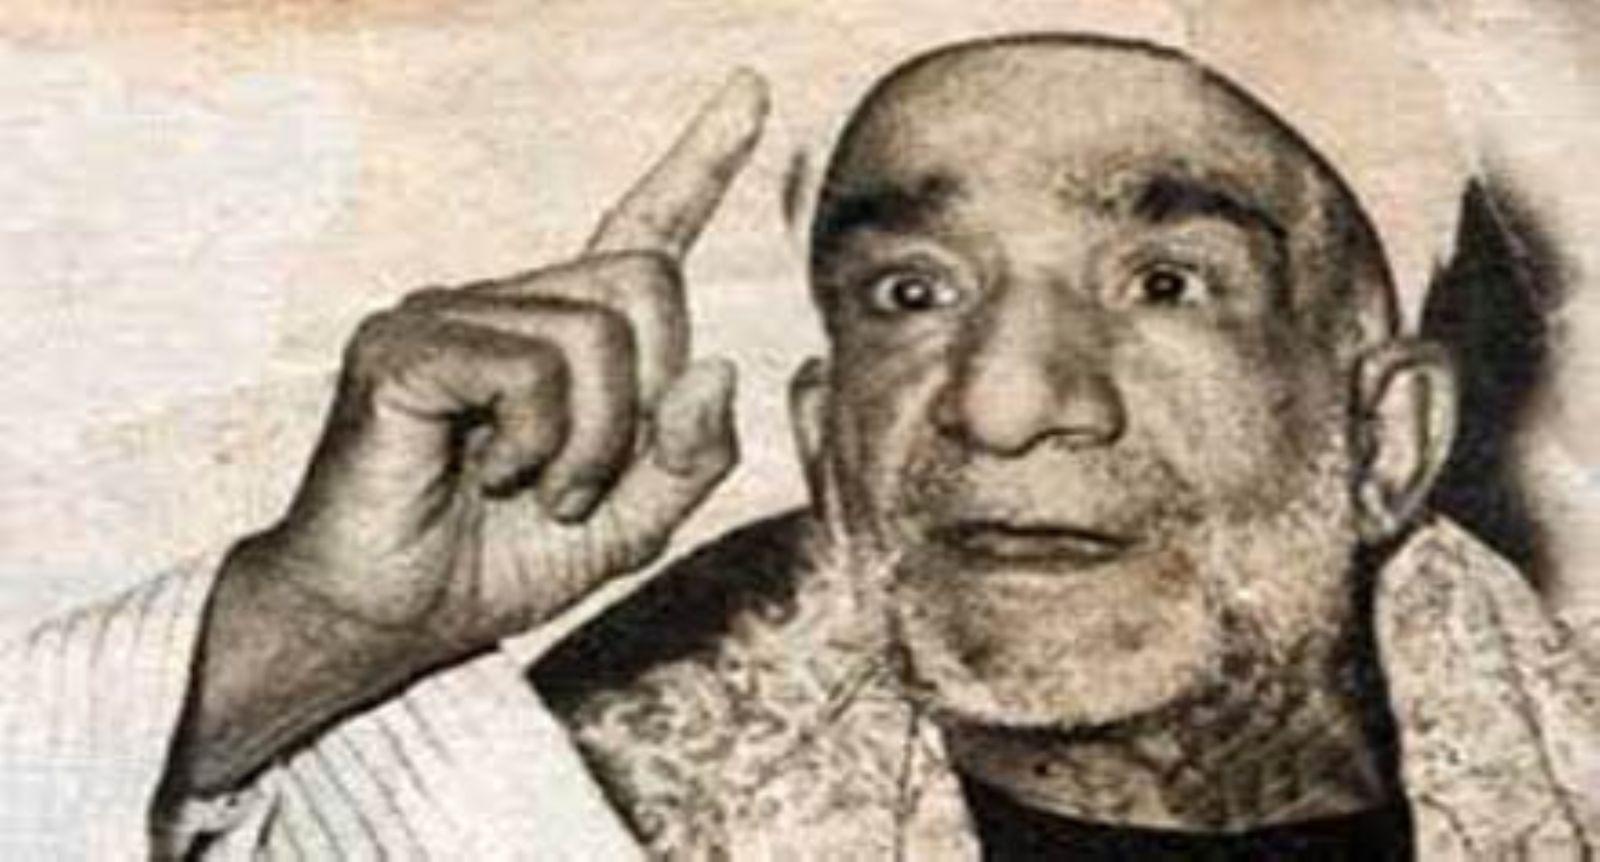 بالصور شخصيات اسلامية مؤثرة , شخصيات خالده في التاريخ unnamed file 52